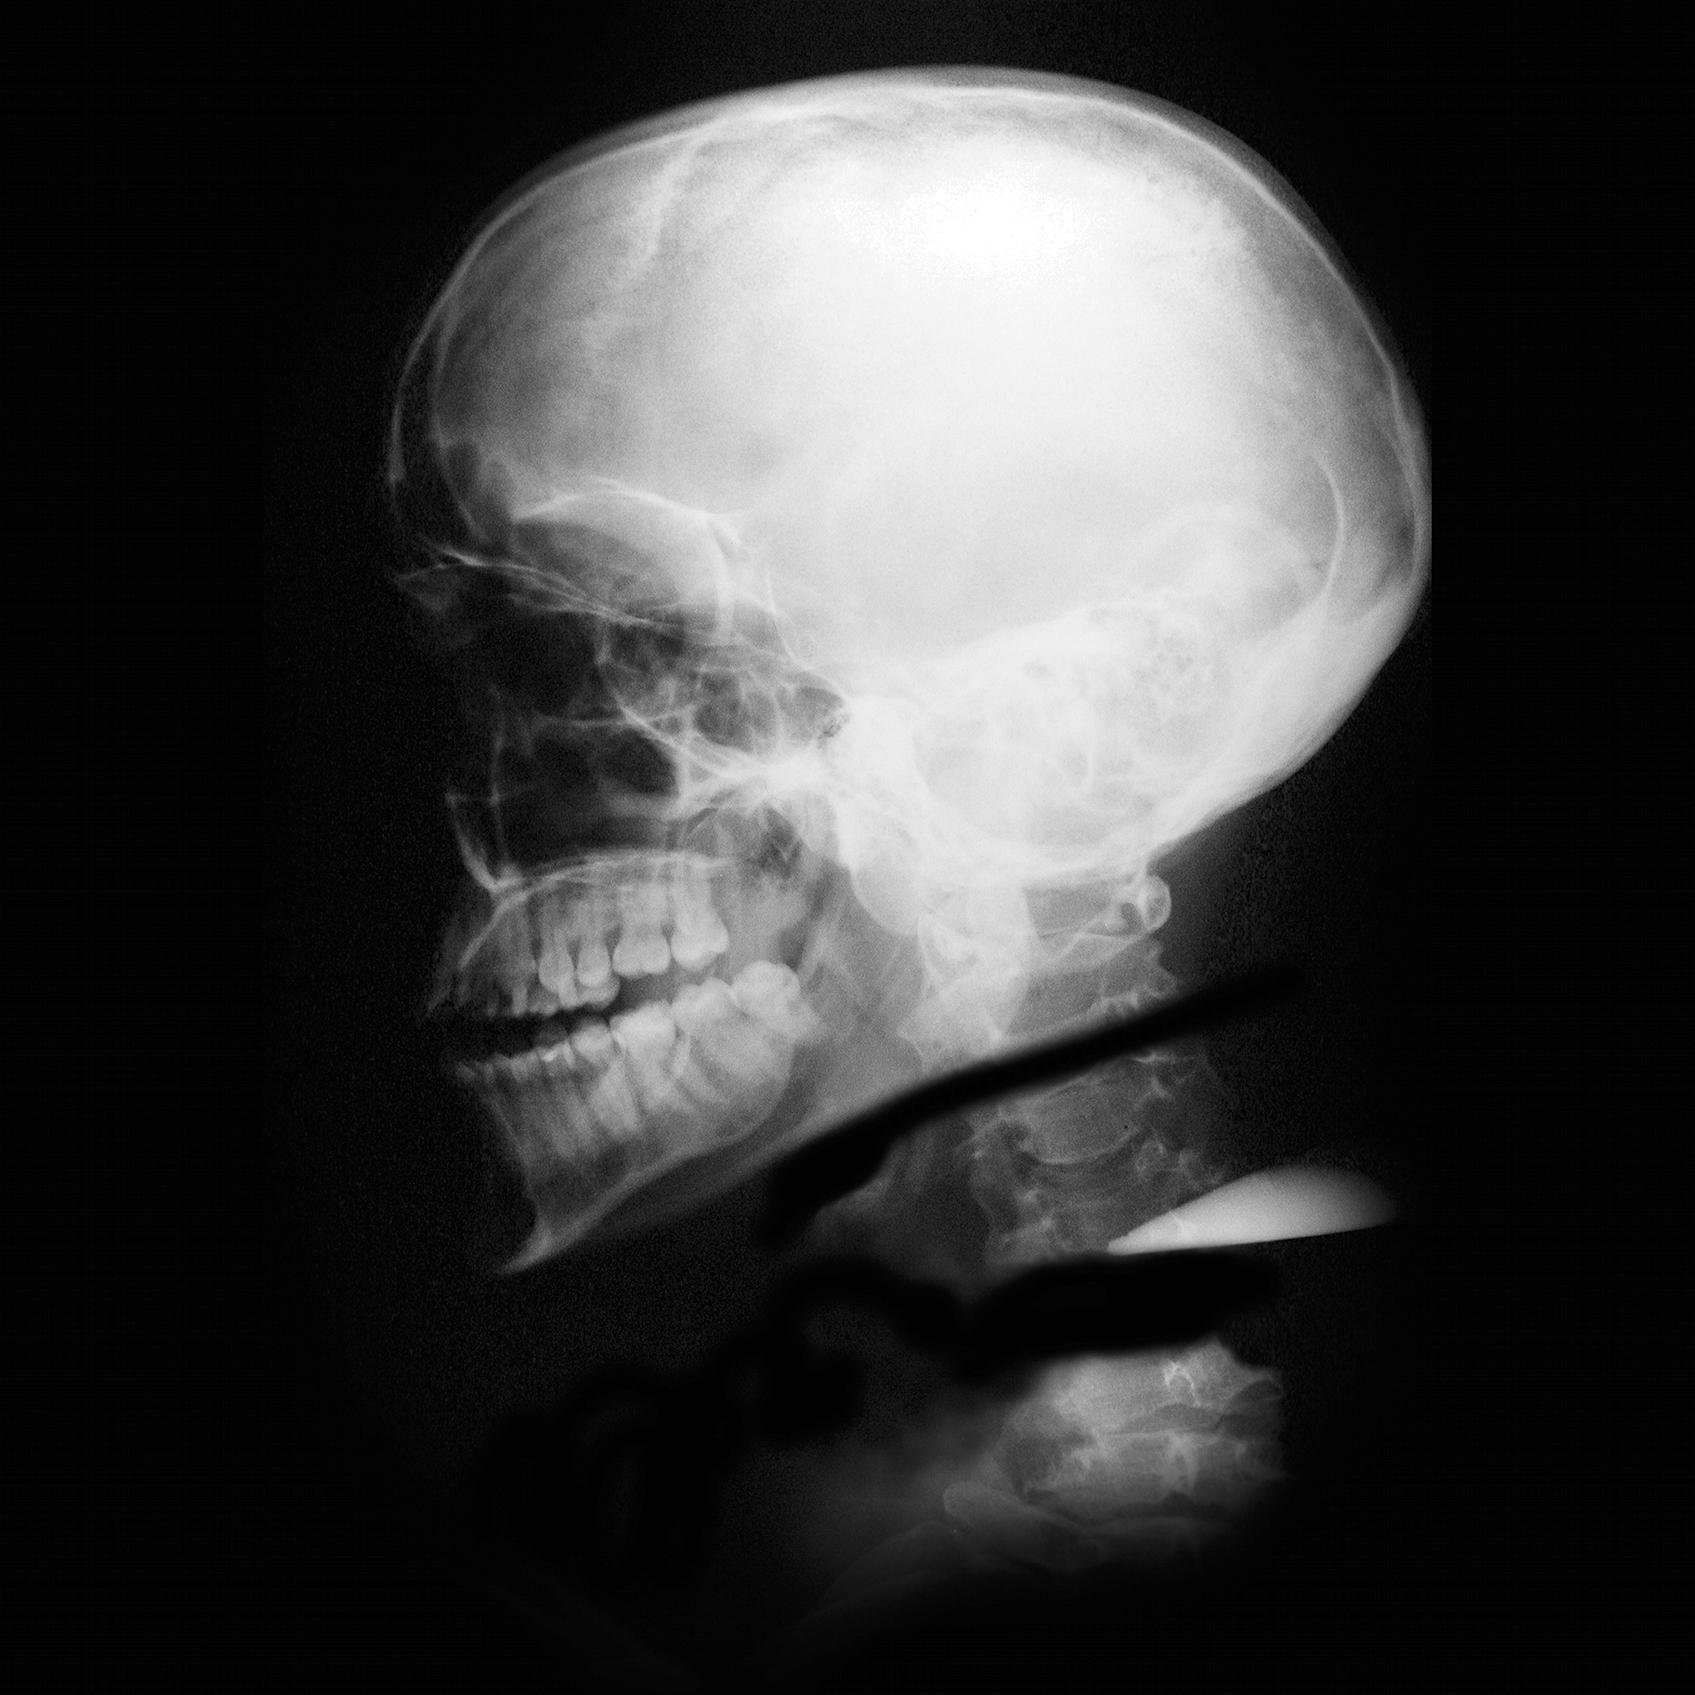 Mártires Radiográficos: El Profeta